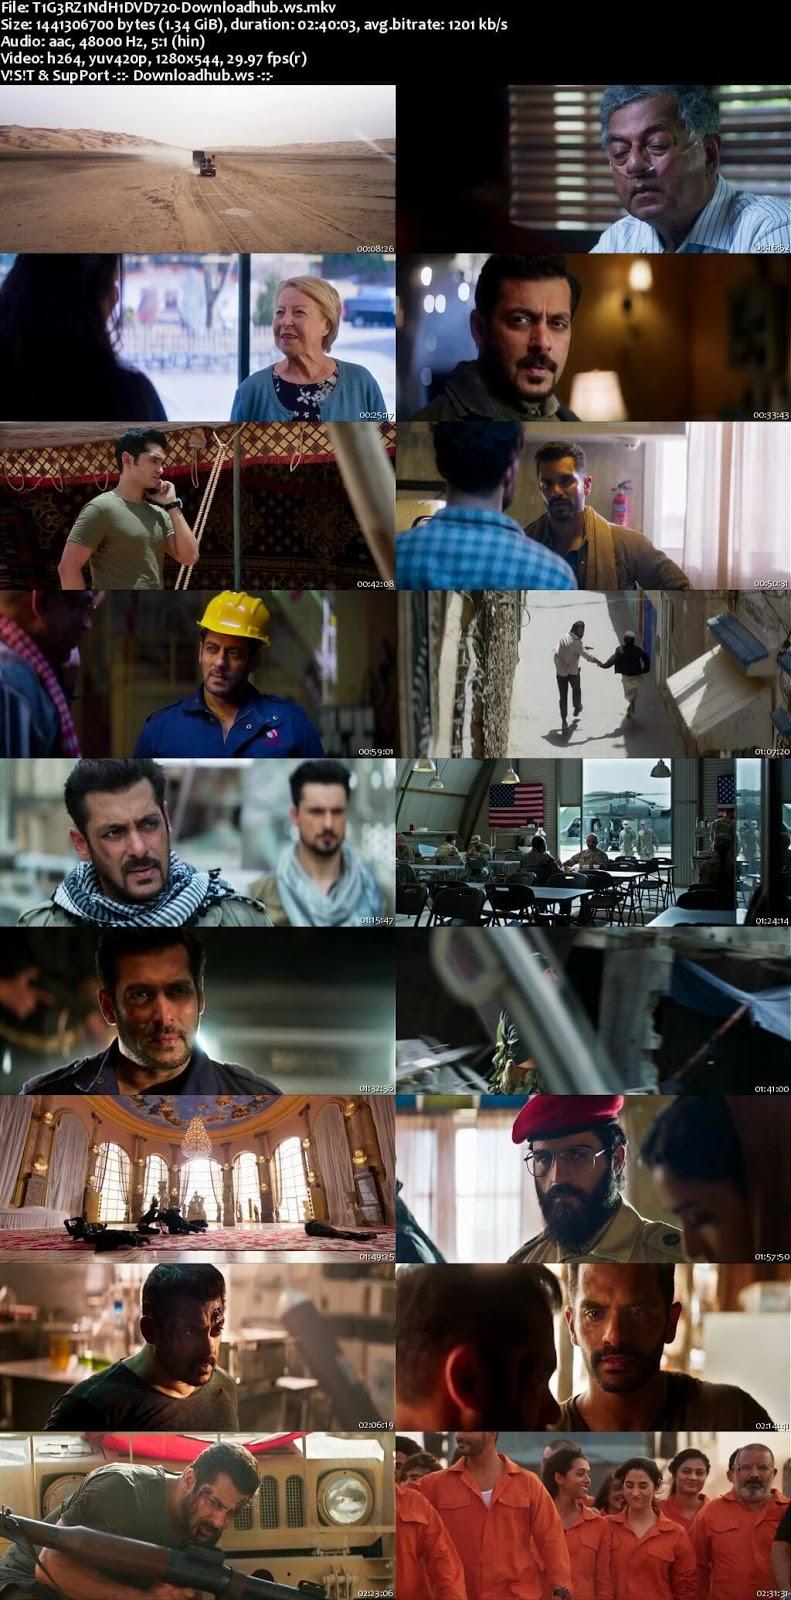 Tiger Zinda Hai 2017 Hindi 720p DVDRip ESubs